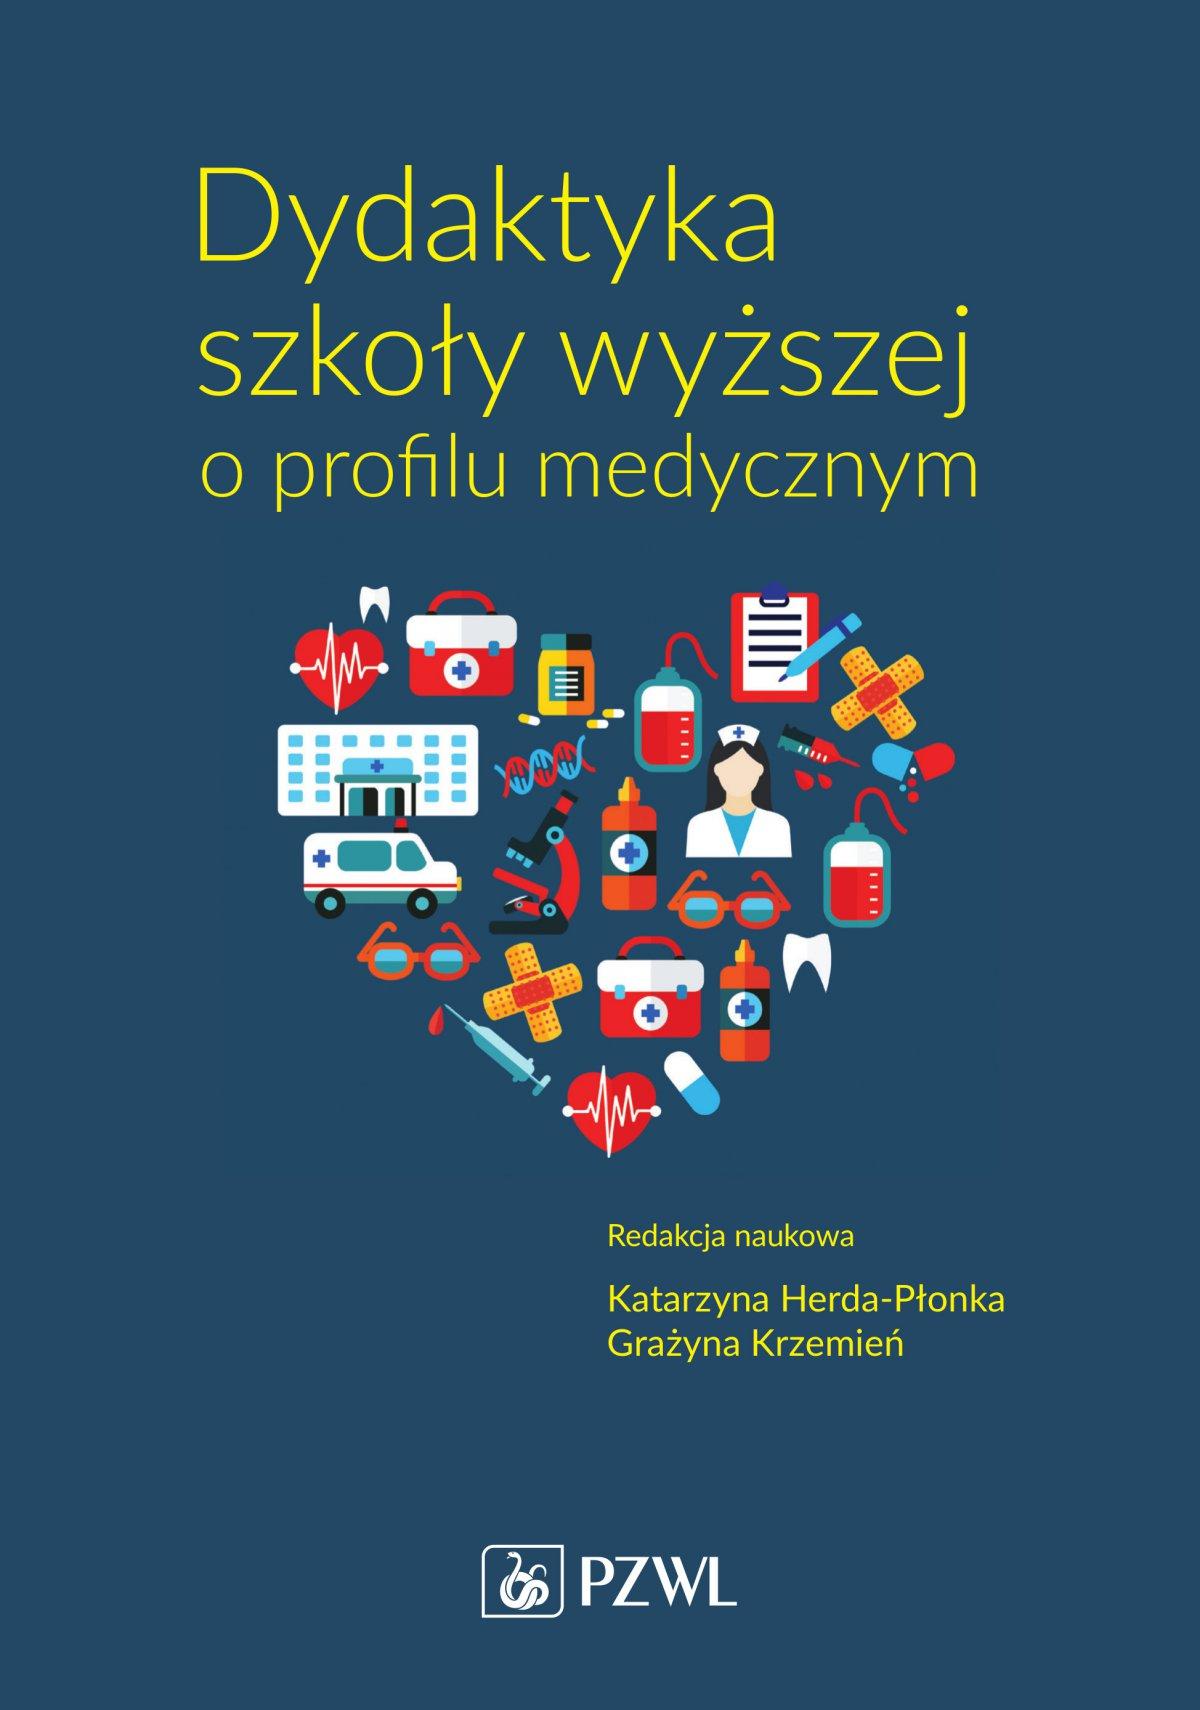 Dydaktyka szkoły wyższej o profilu medycznym - Ebook (Książka EPUB) do pobrania w formacie EPUB